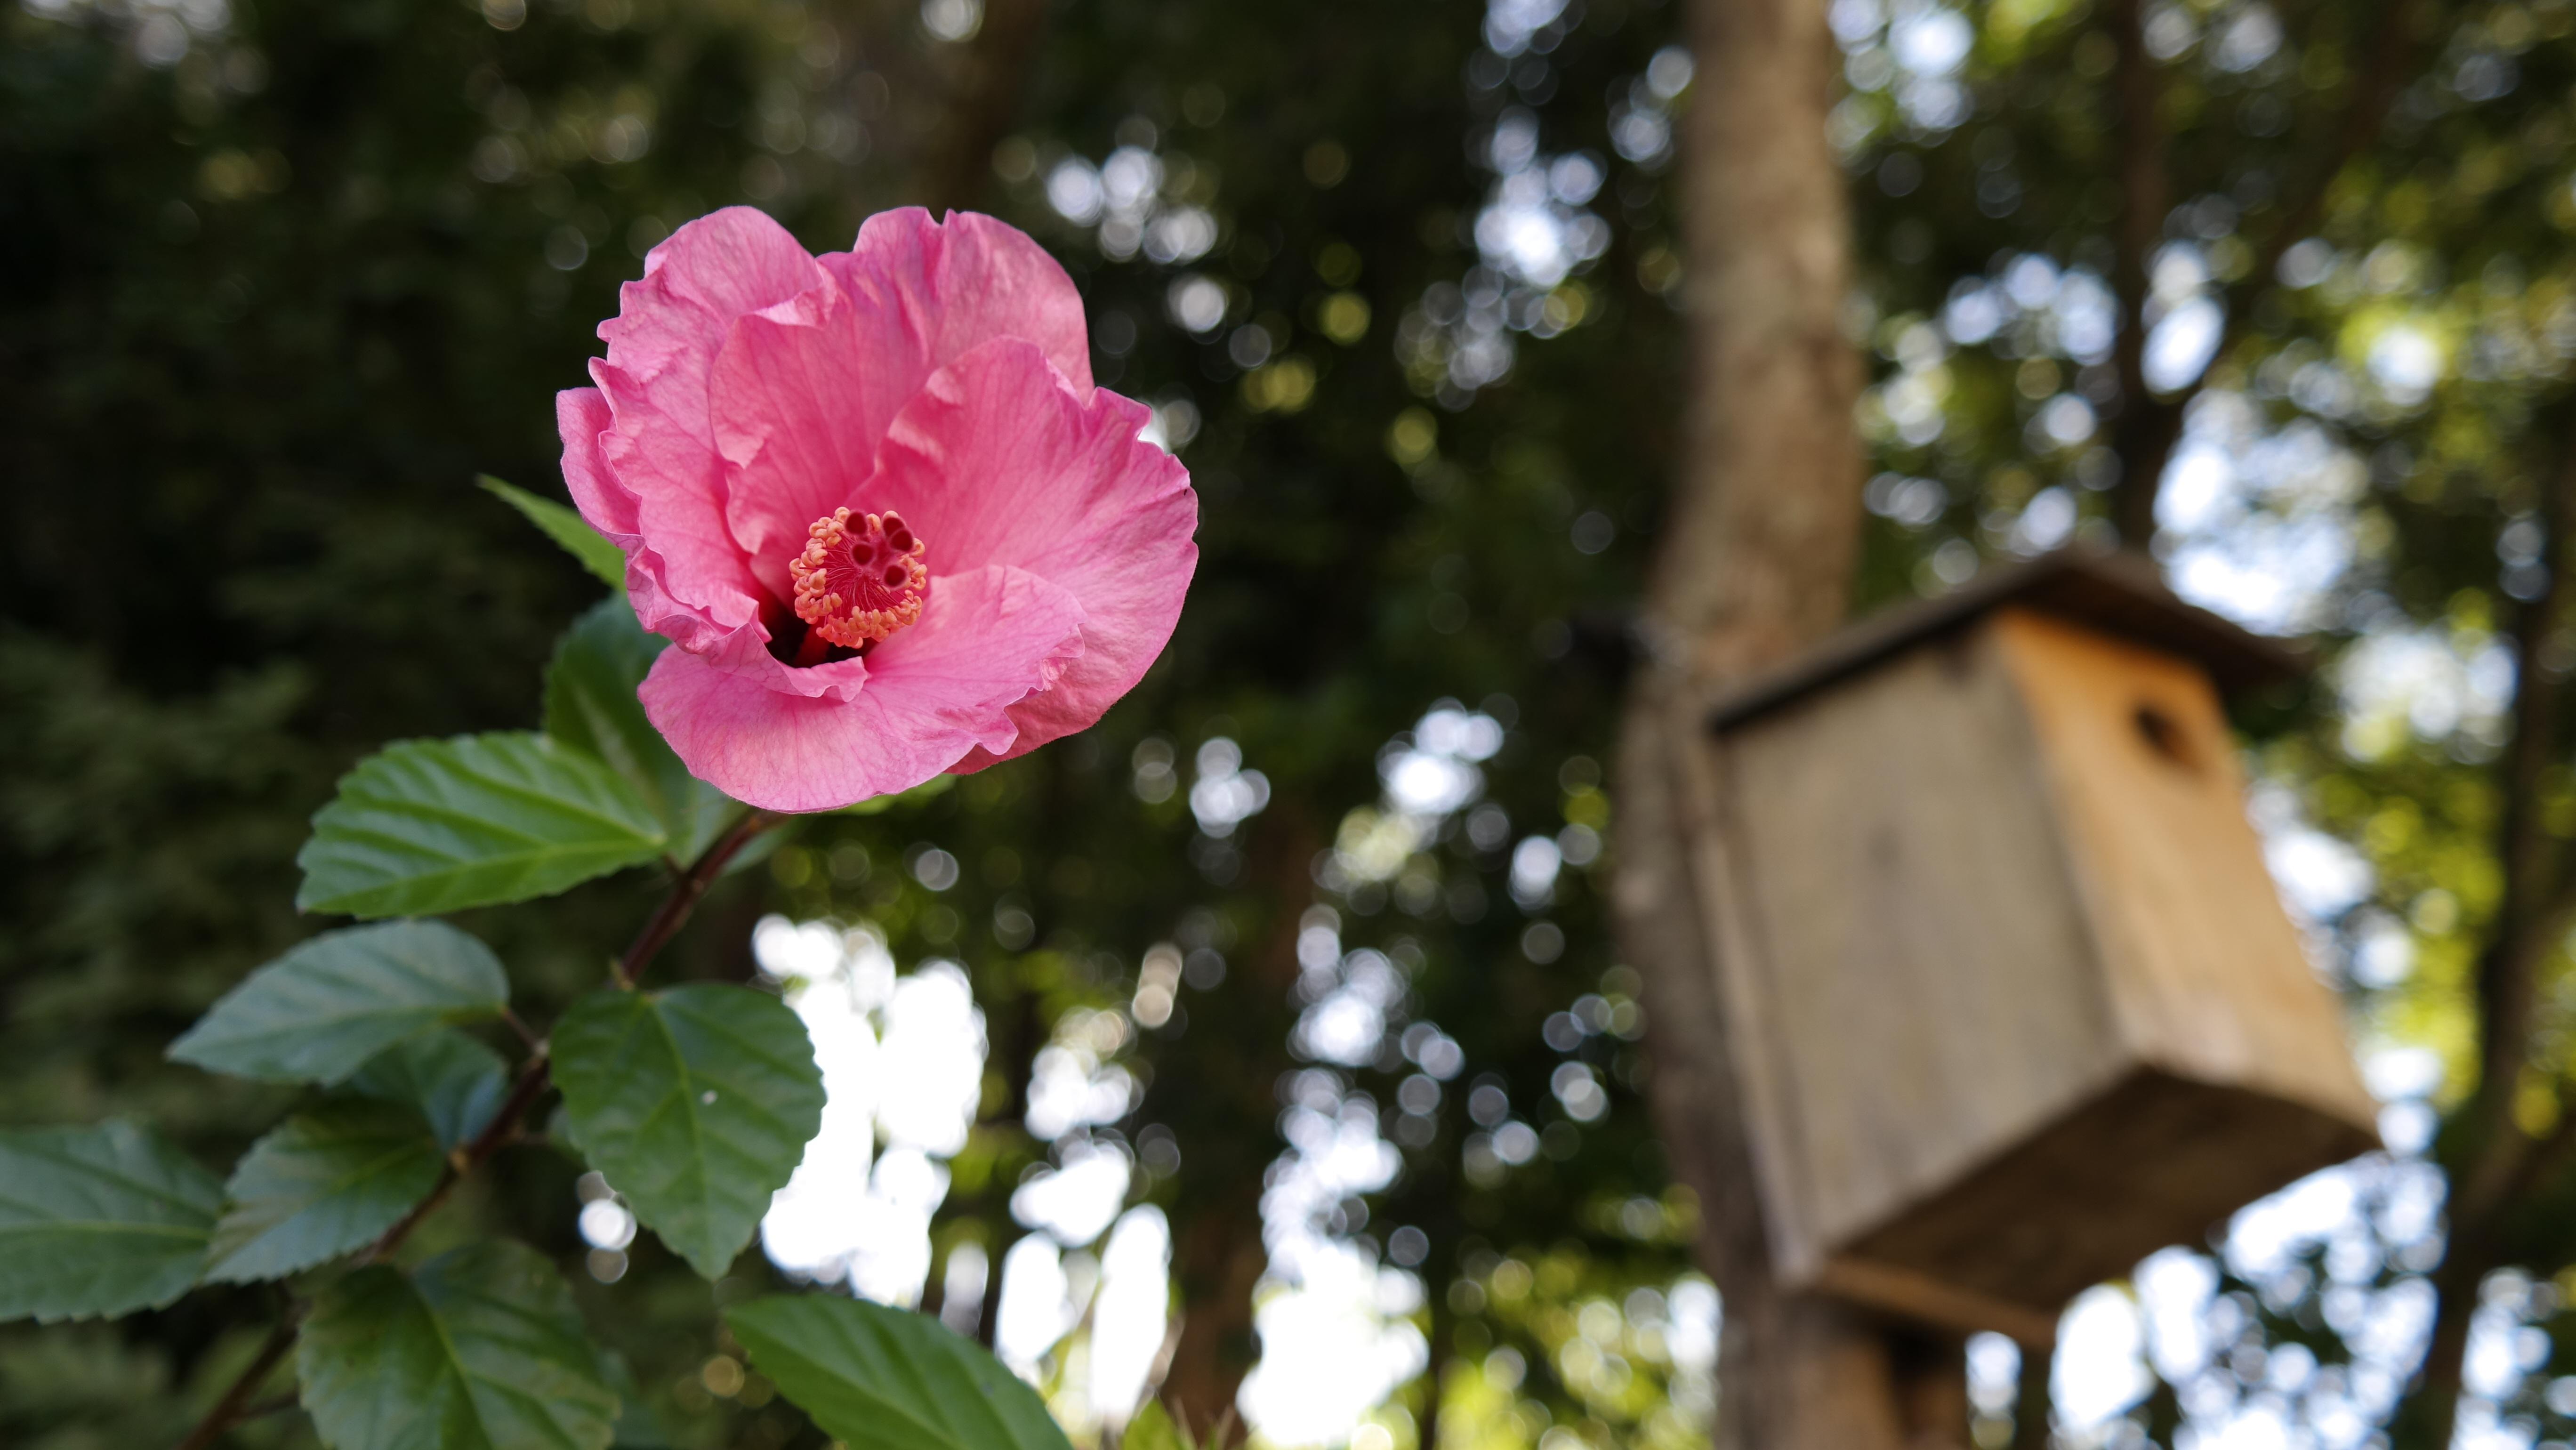 foto de Images Gratuites : branche, fleur, feuille, Floraison, printemps ...